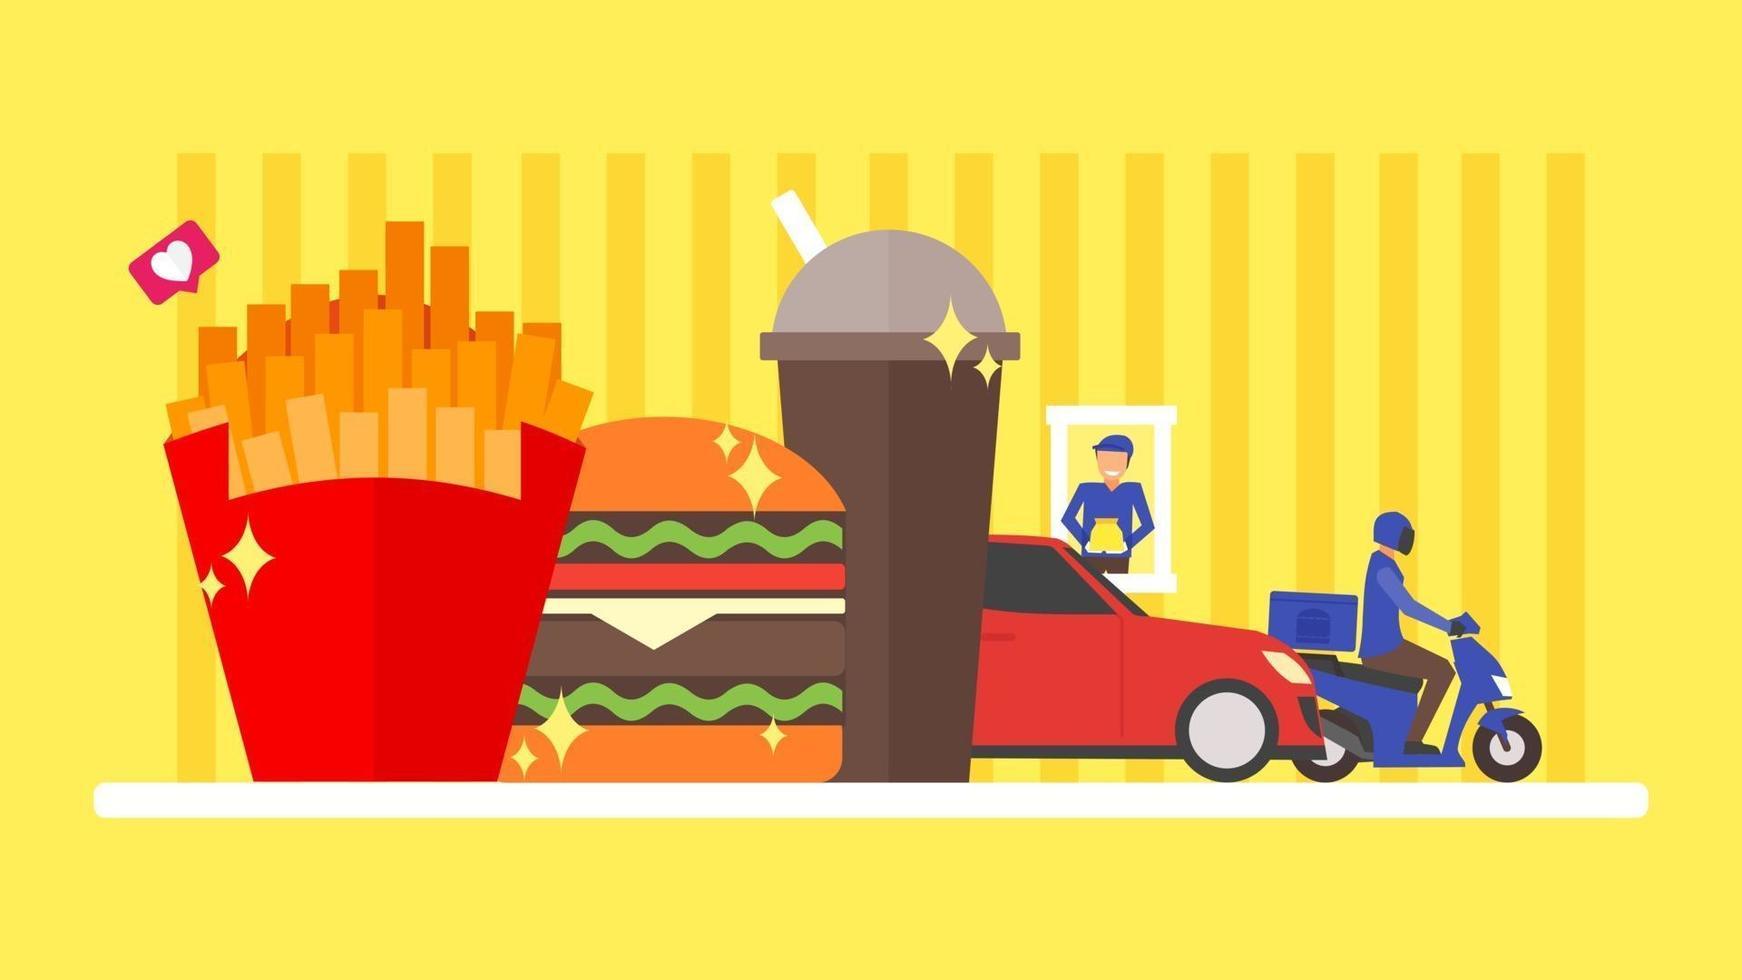 conceito de fast food. entrega e unidade através do pedido de takeaway. hambúrguer, hambúrguer, refeição, batata frita, ilustração de refrigerante. fundo de design plano. ilustração em vetor personagem pequenas pessoas.